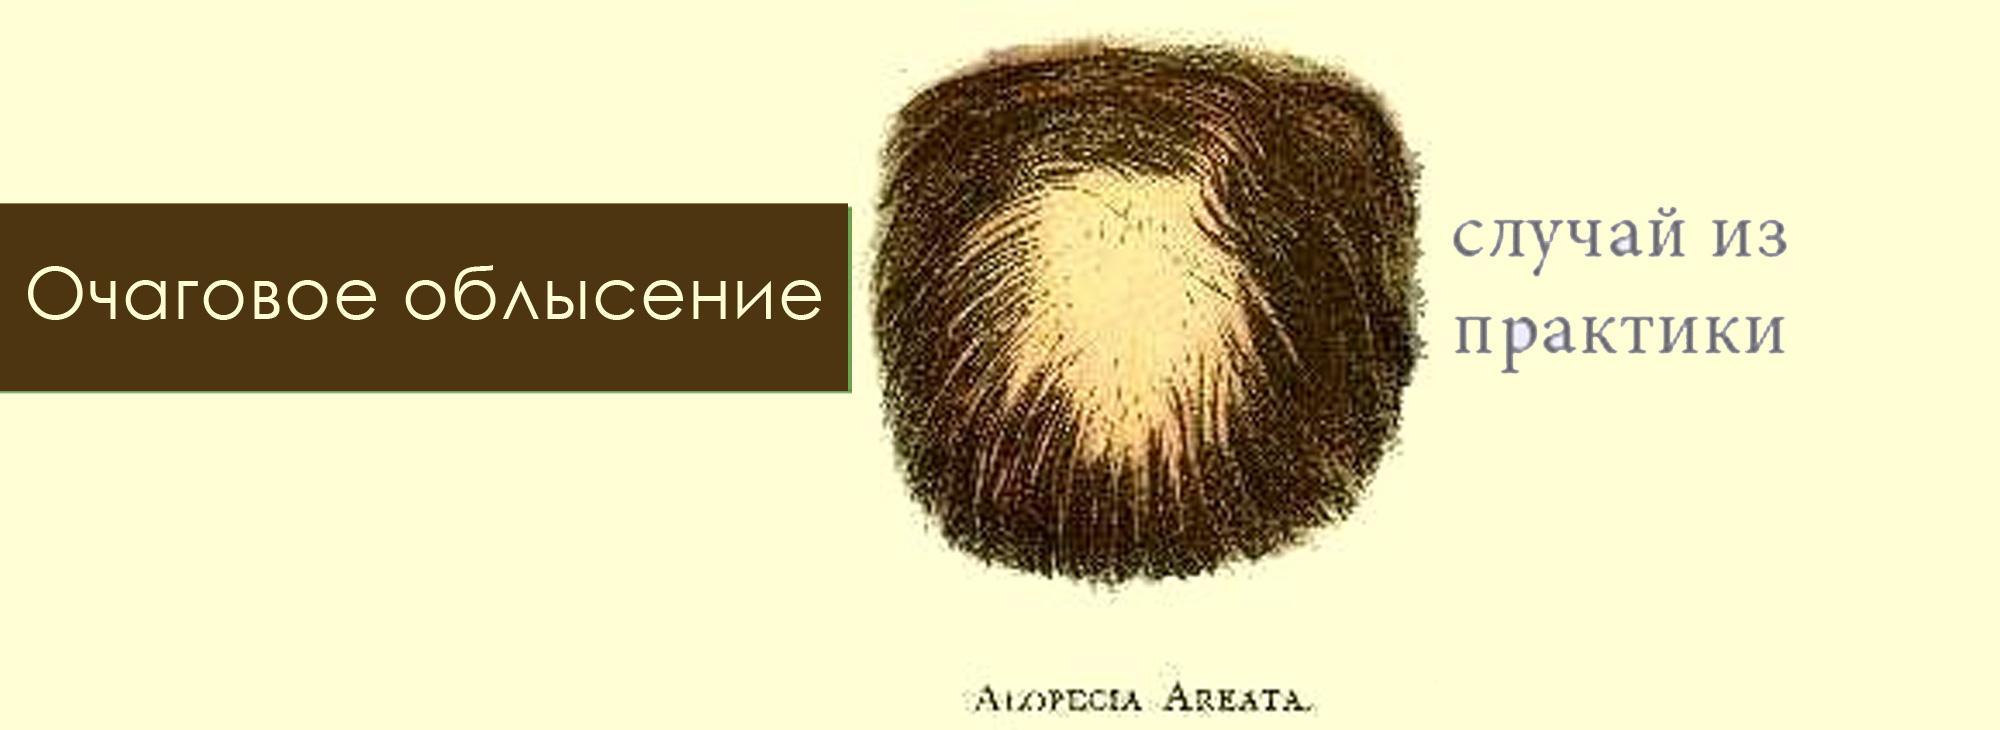 Витамины для роста волос и ногтей не